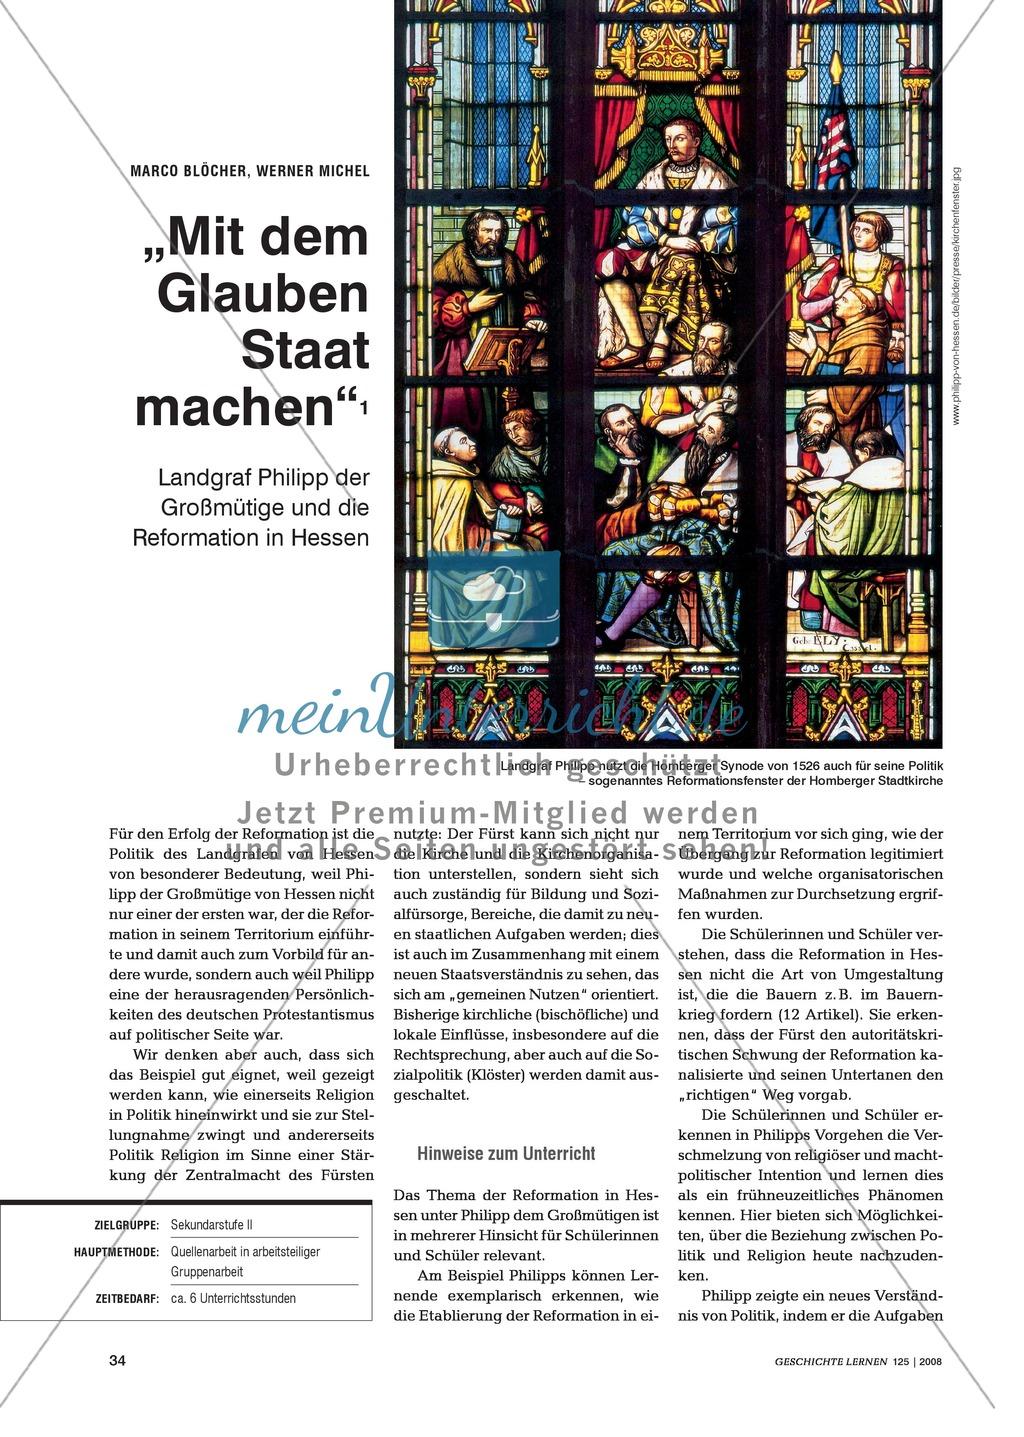 Marco Blöcher, Werner Michel: Quellenanalyse in arbeitsteiliger Gruppenarbeit zu den Auswirkungen der Reformation am Beispiel des Landgrafen Philipp von Hessen Preview 0